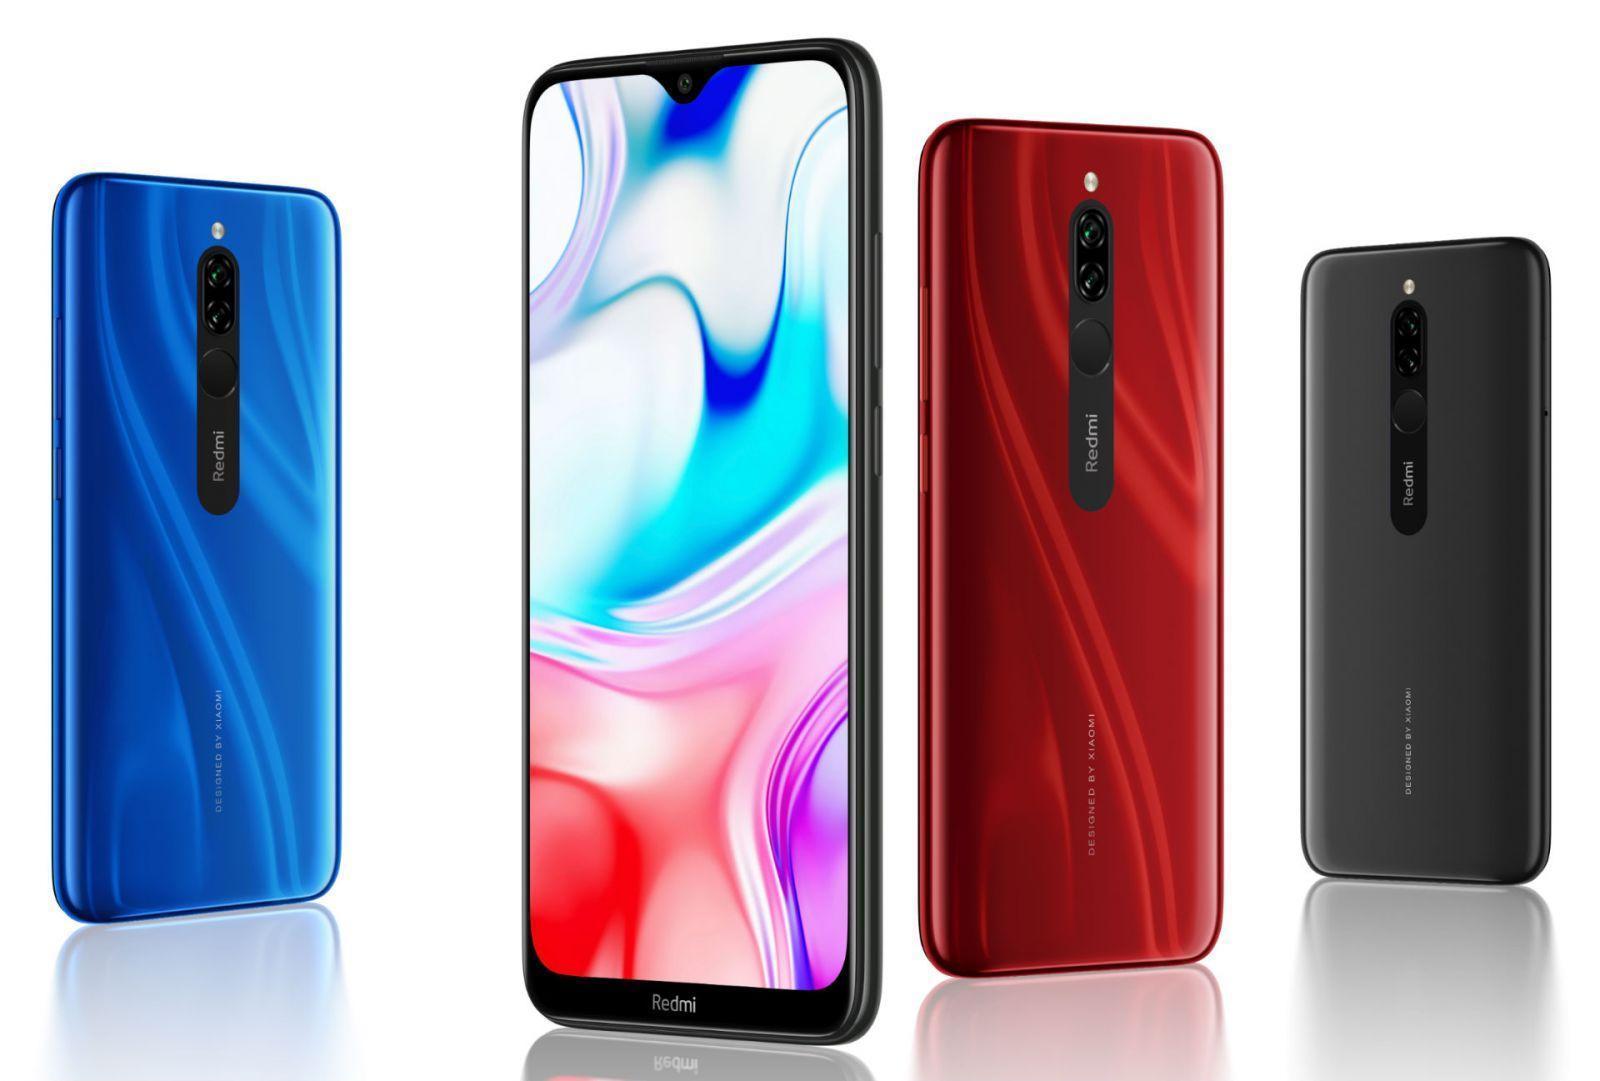 Redmi выпустит смартфон на базе нового чипсета Snapdragon SM6350 (redmi 8 02)